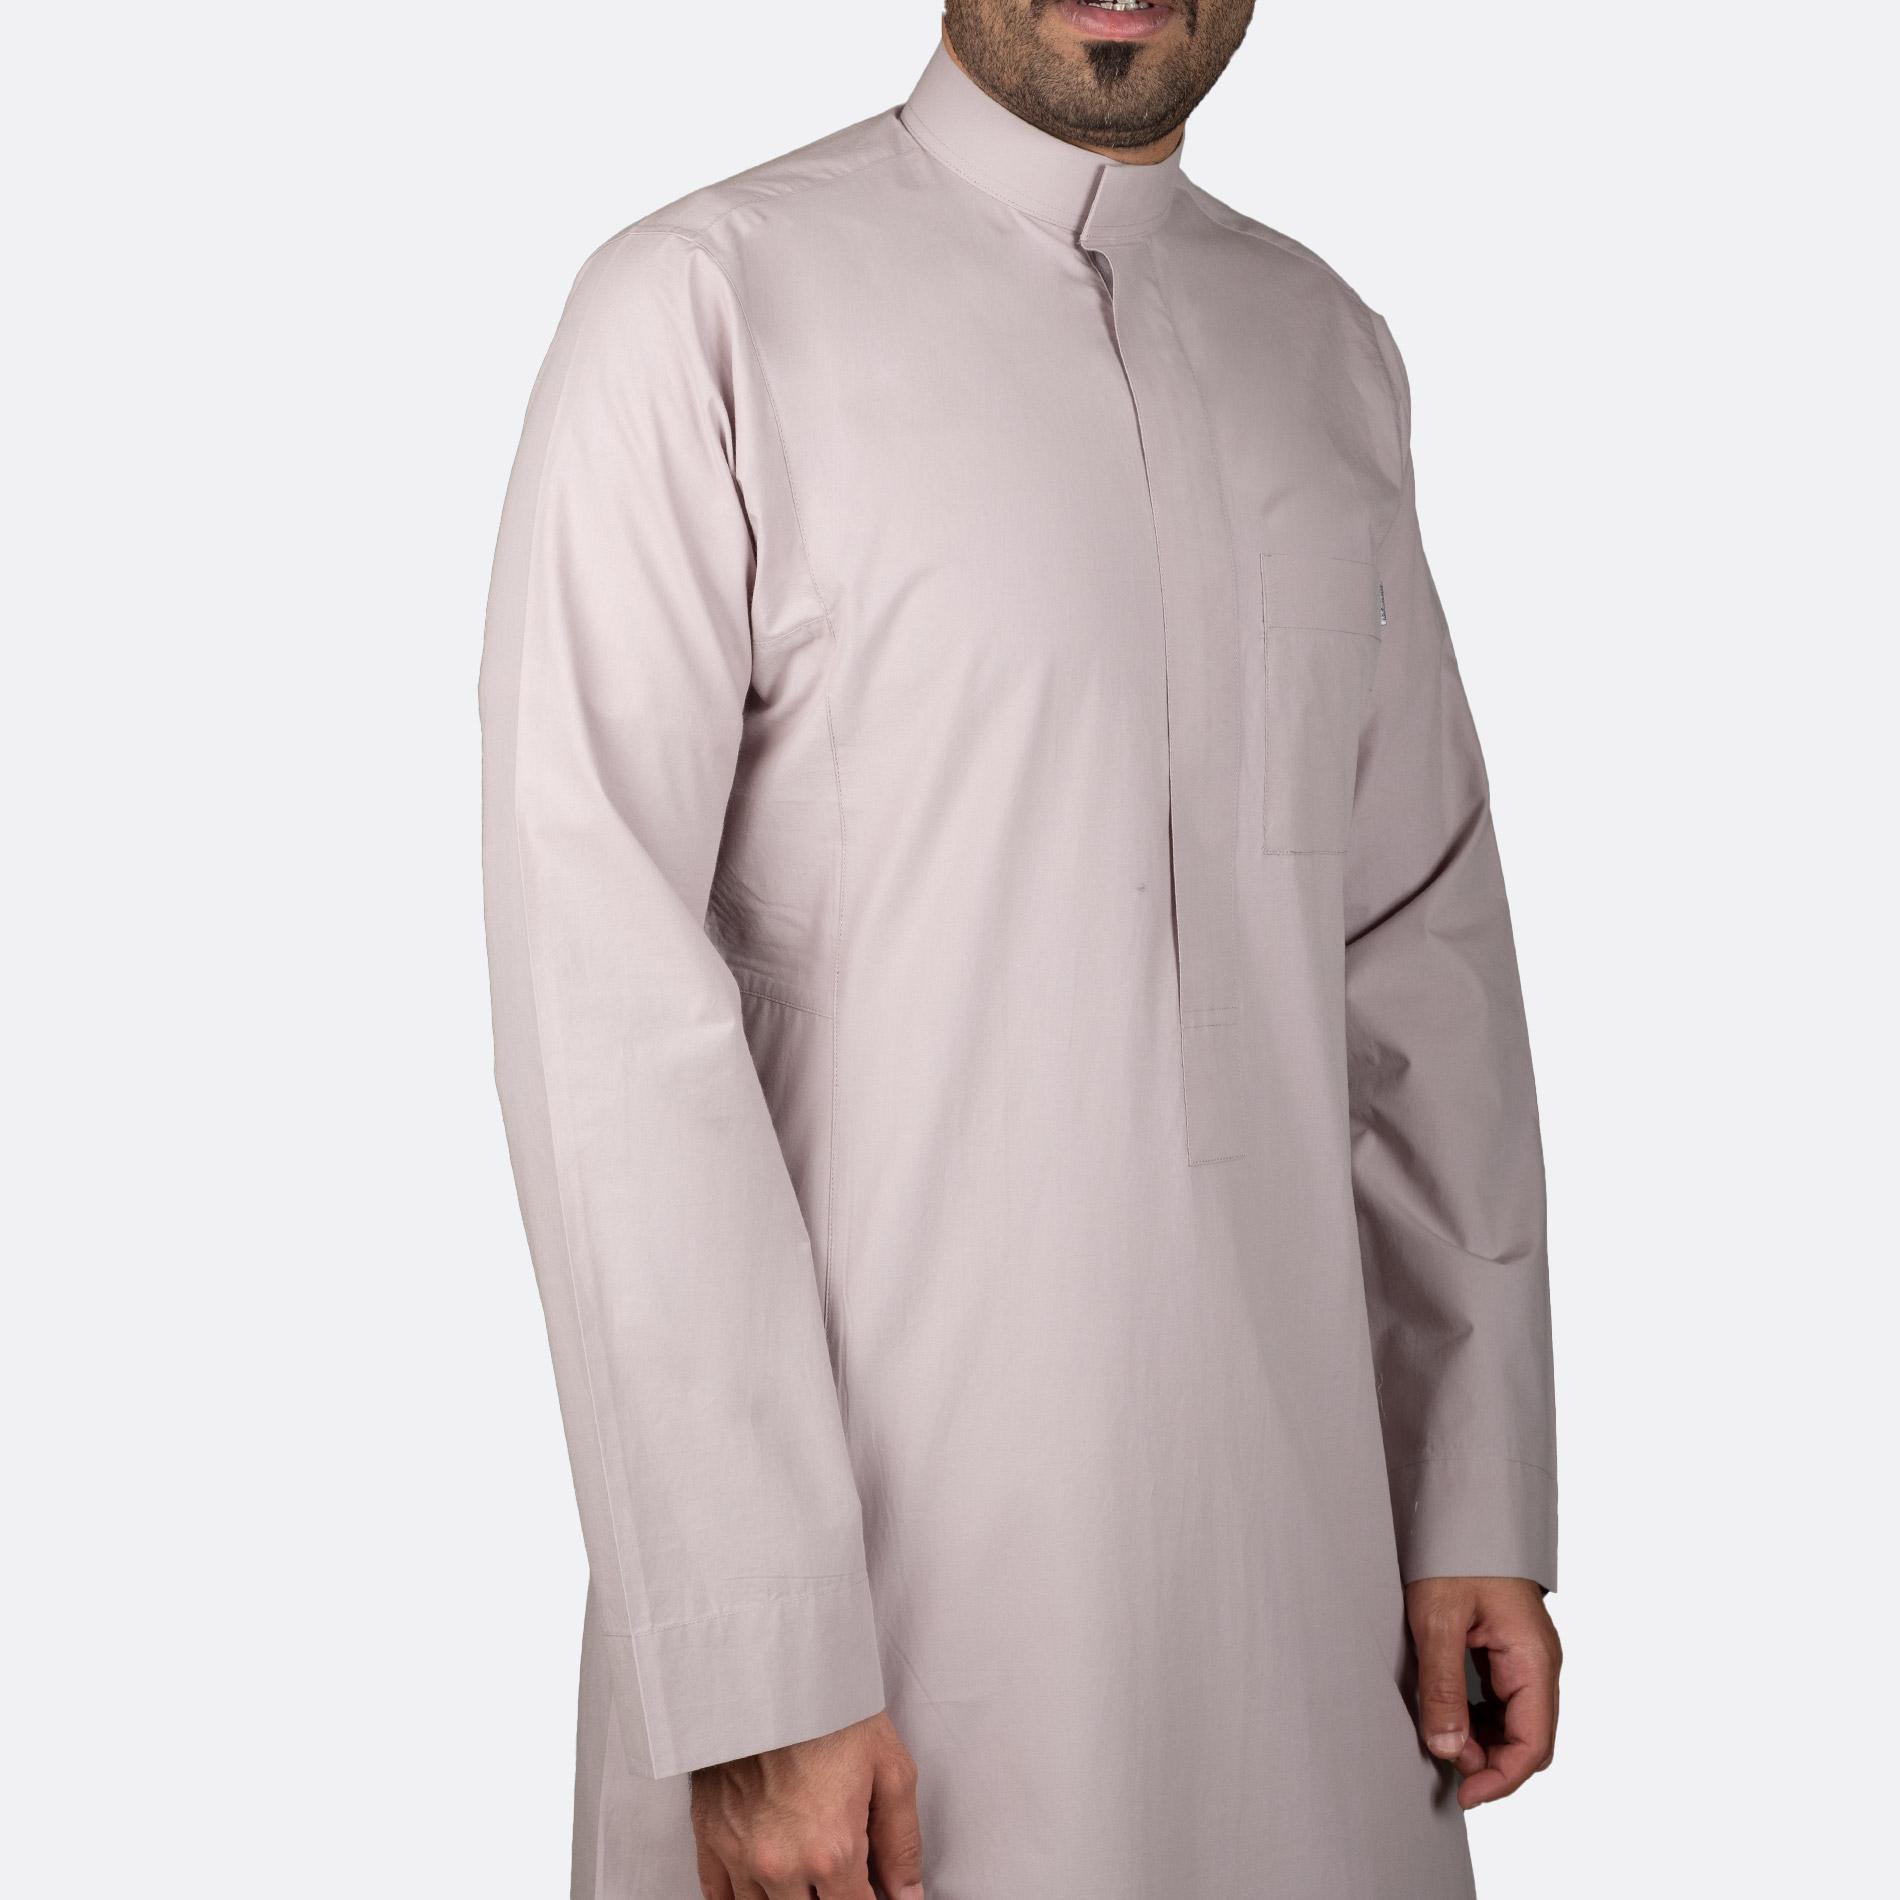 ثوب كلاسيكي قطن بني فاتح سحاب